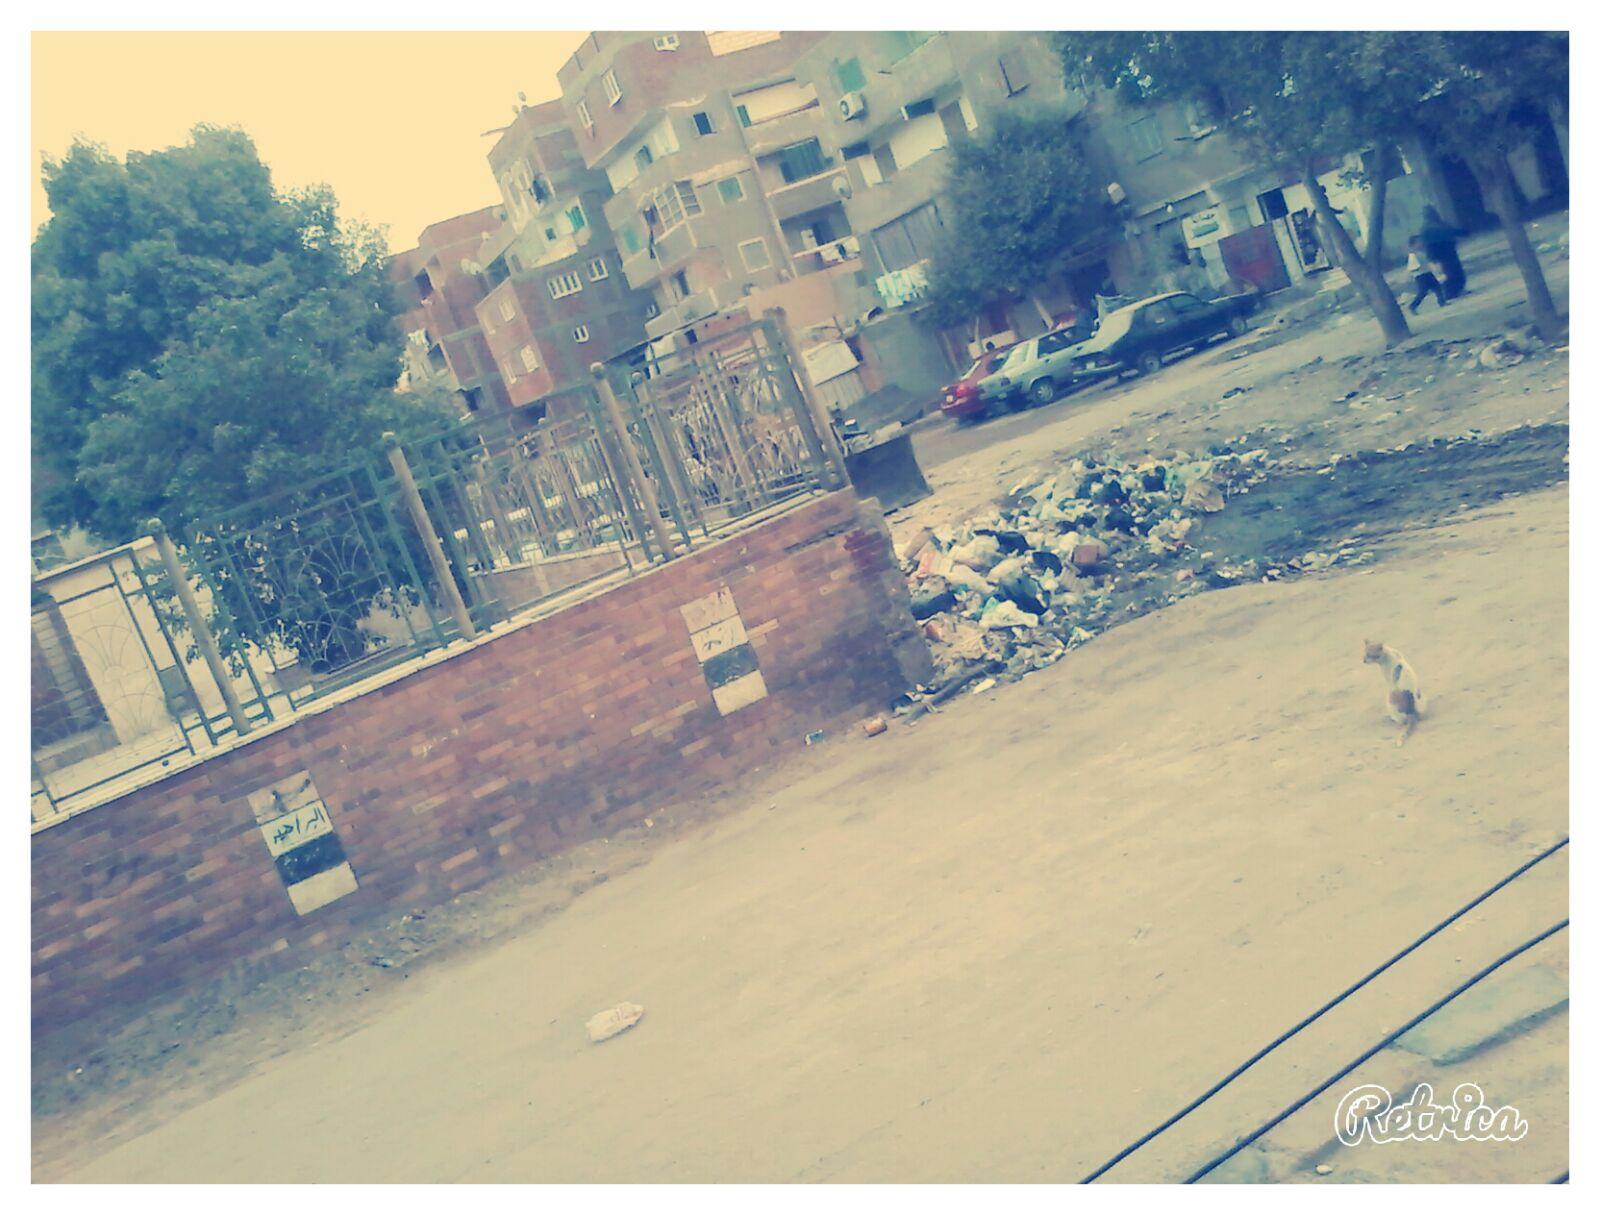 بالصور.. مواطن: عمال نظافة في حلوان نقلوا صندوق قمامة لشارع رئيسي